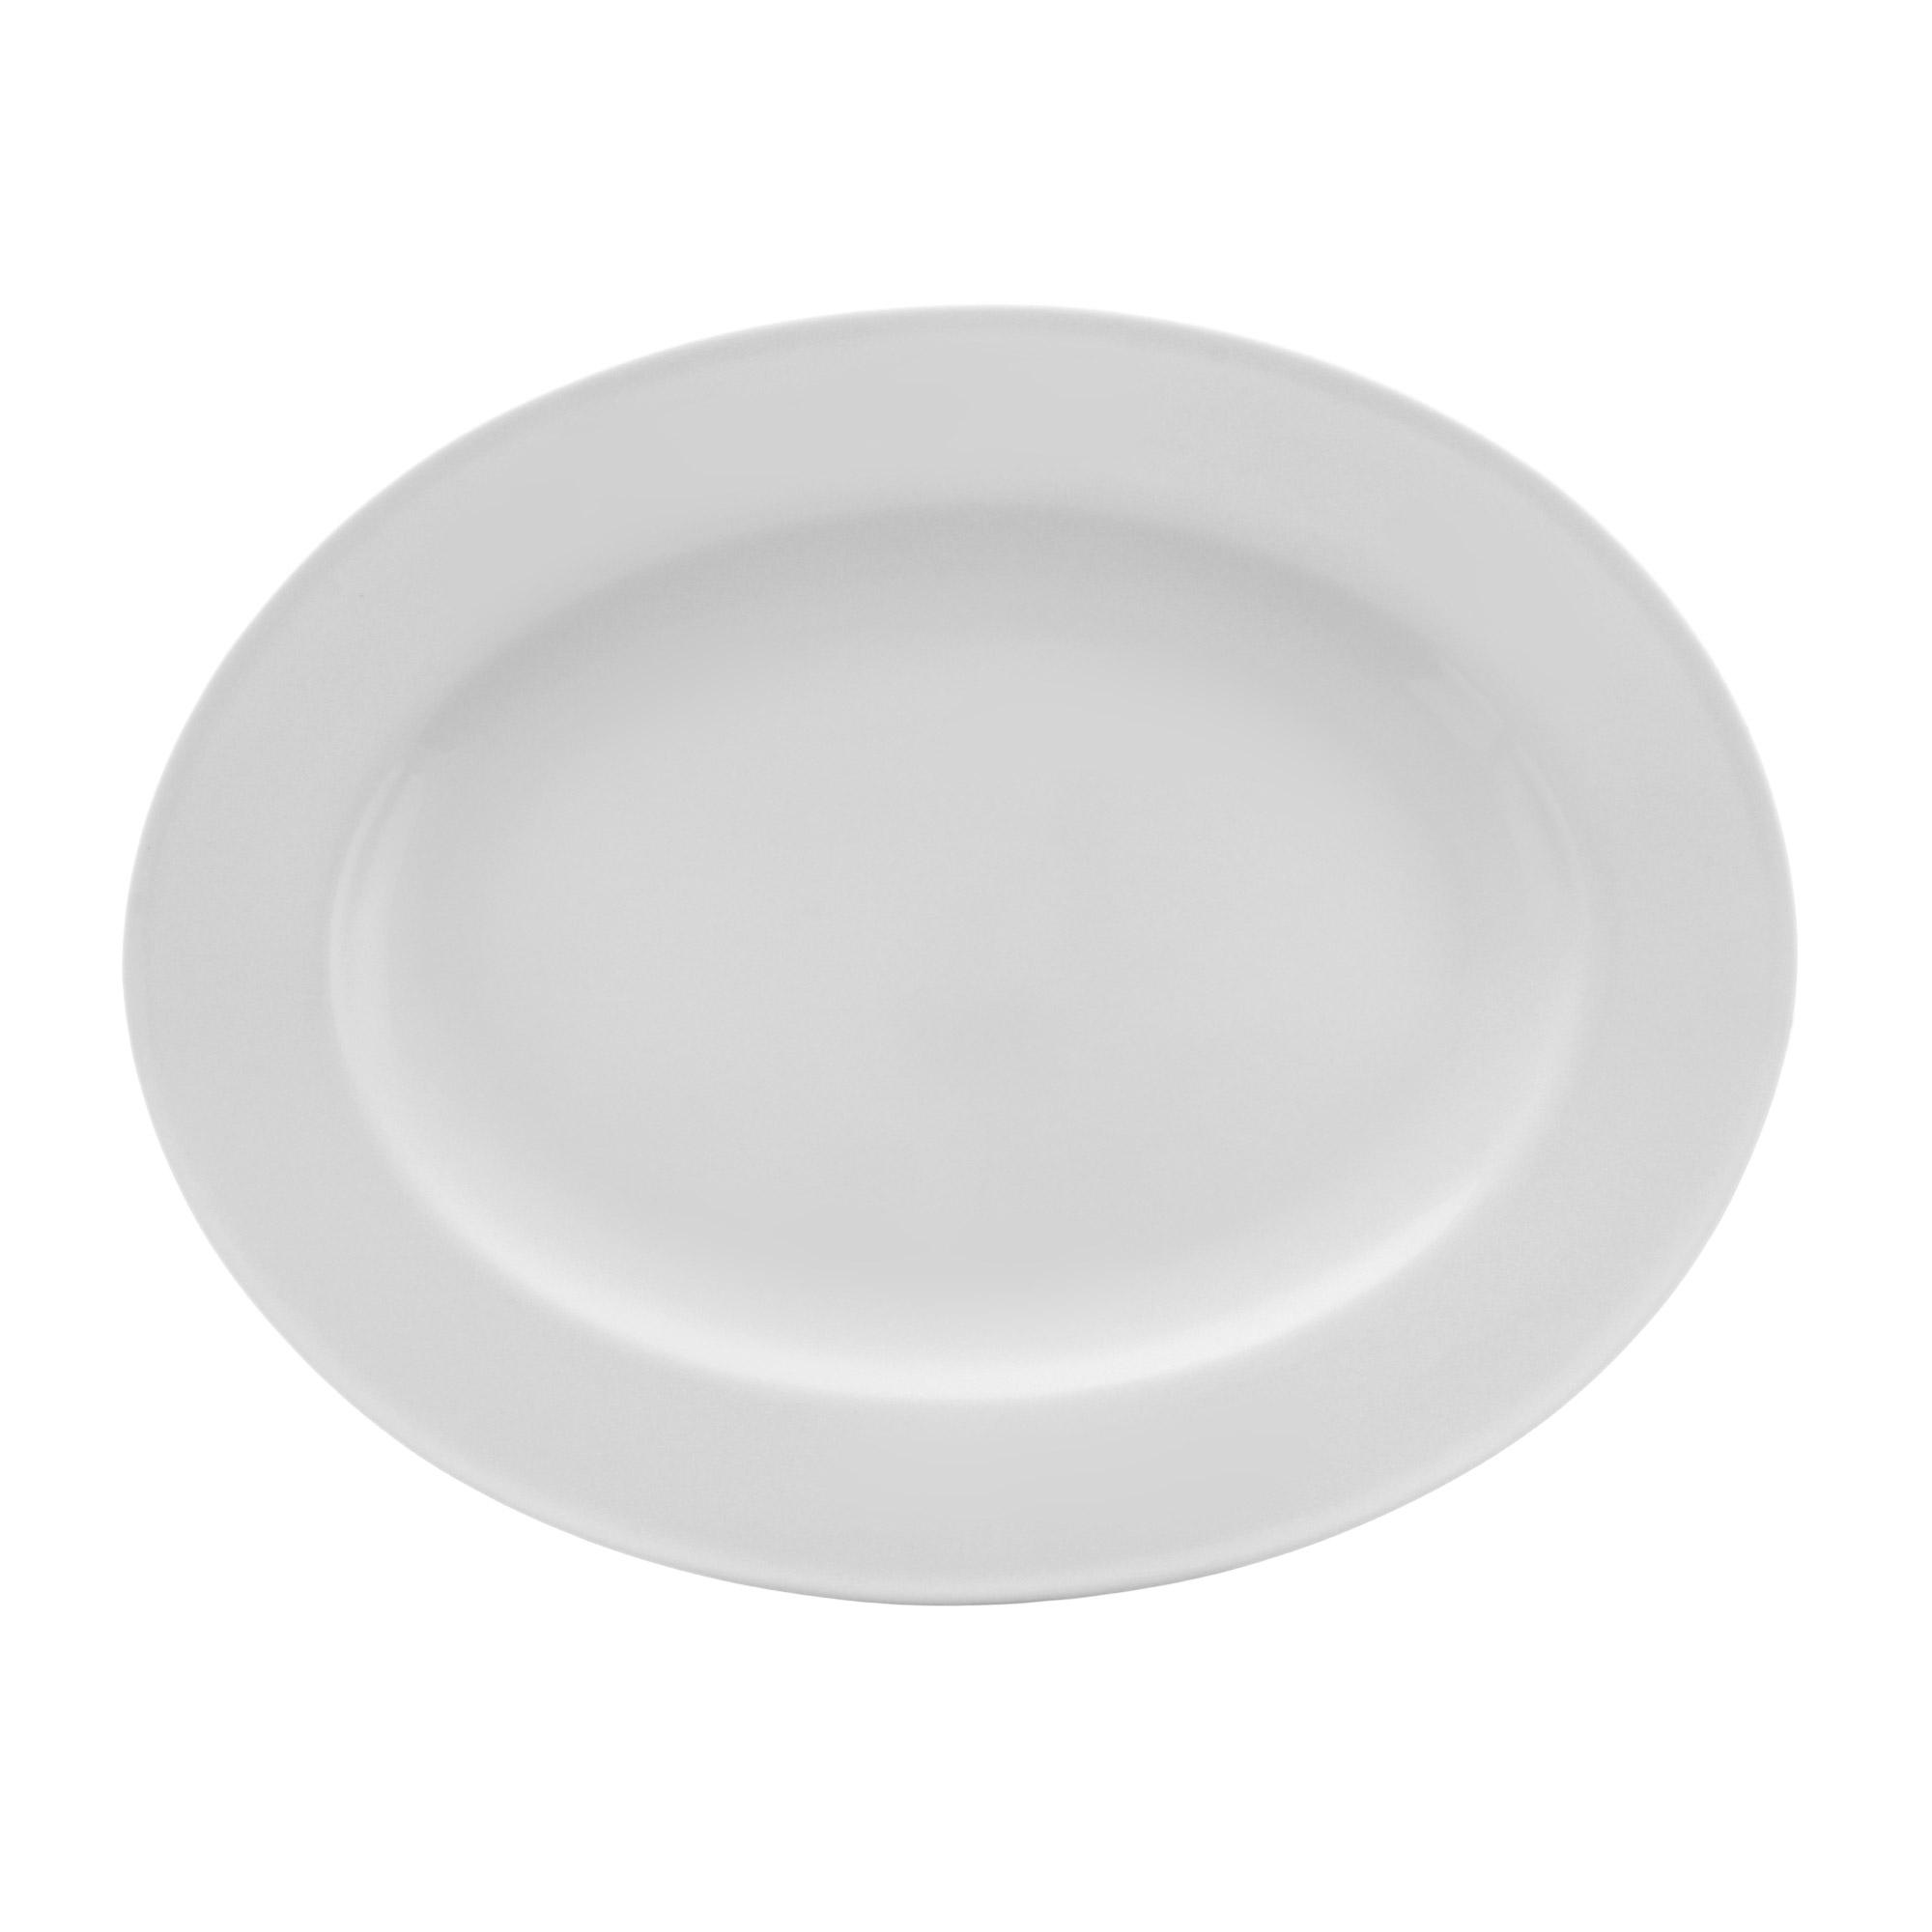 Купить Тарелка овальная Monno Элемент 36 см, белый, костяной фарфор